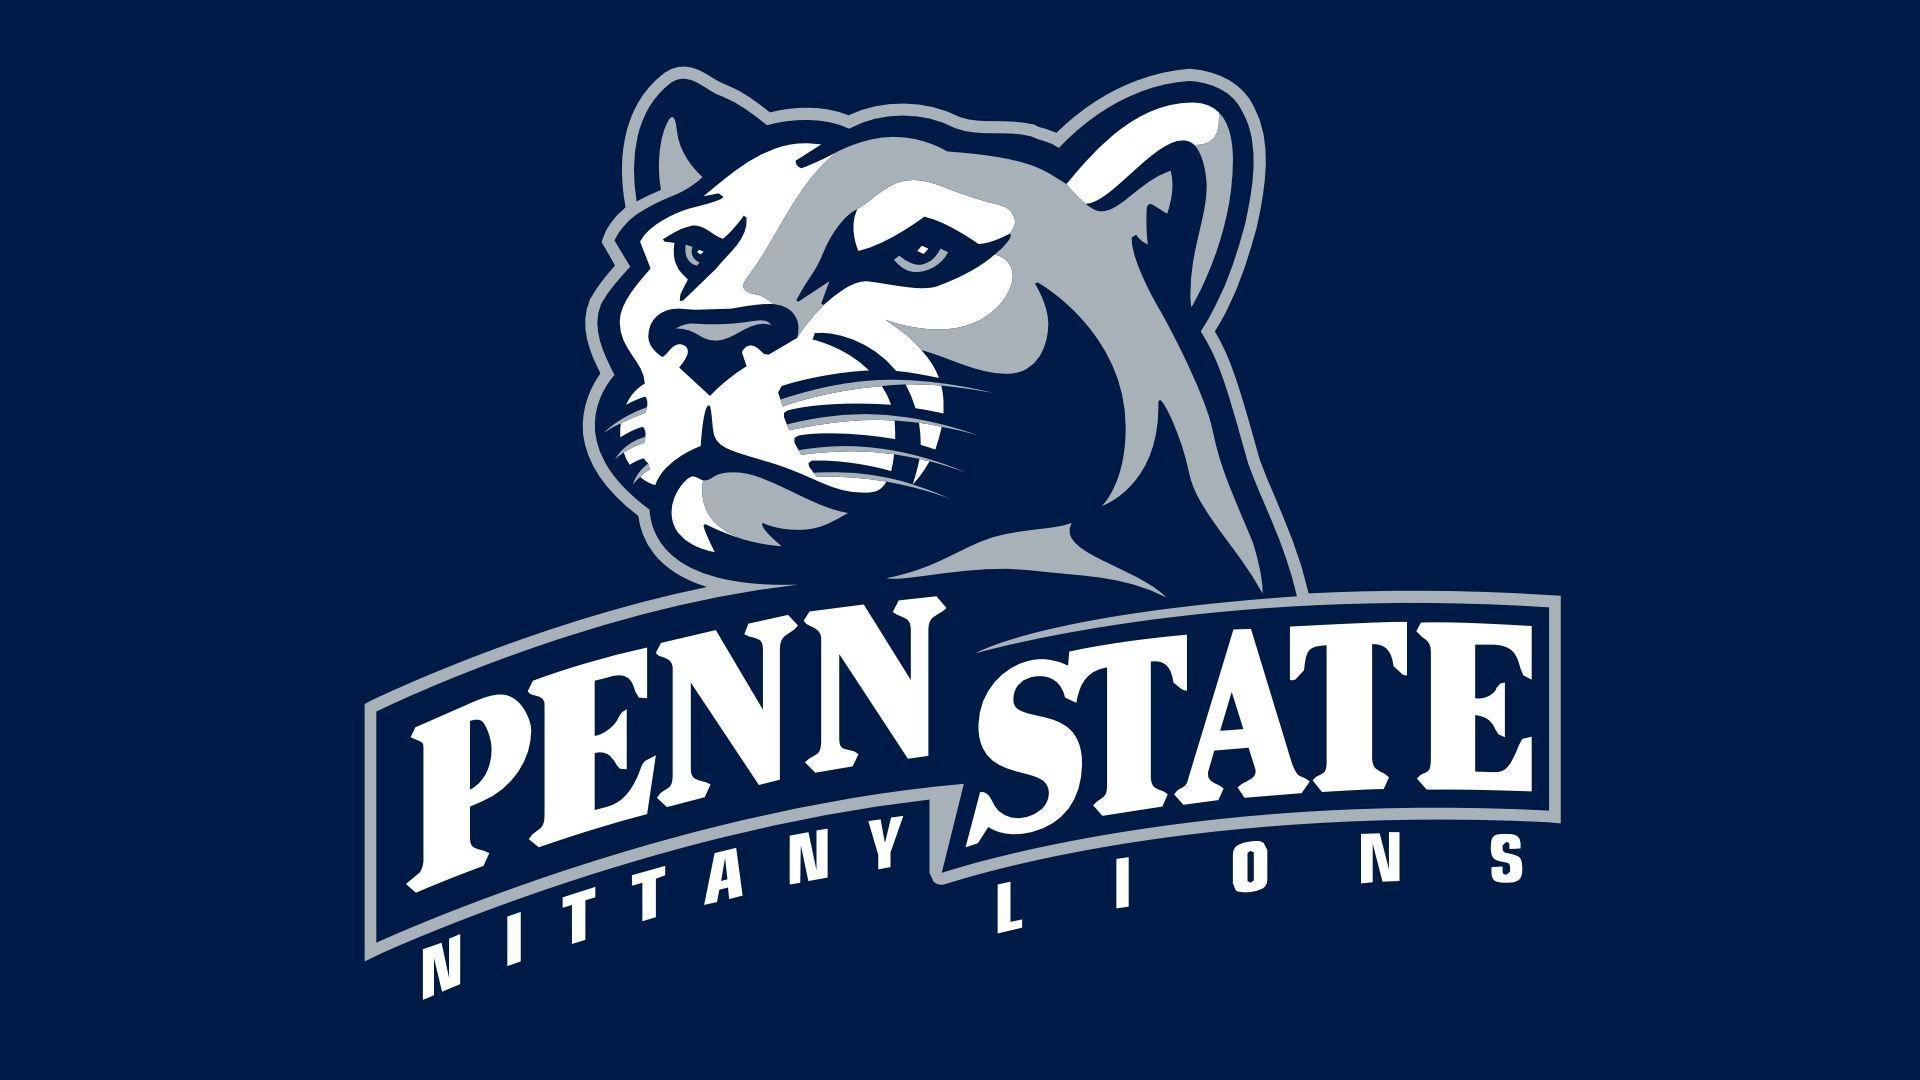 Penn State University College Football Logo 1080×1920 Wallpaper, HDTV .